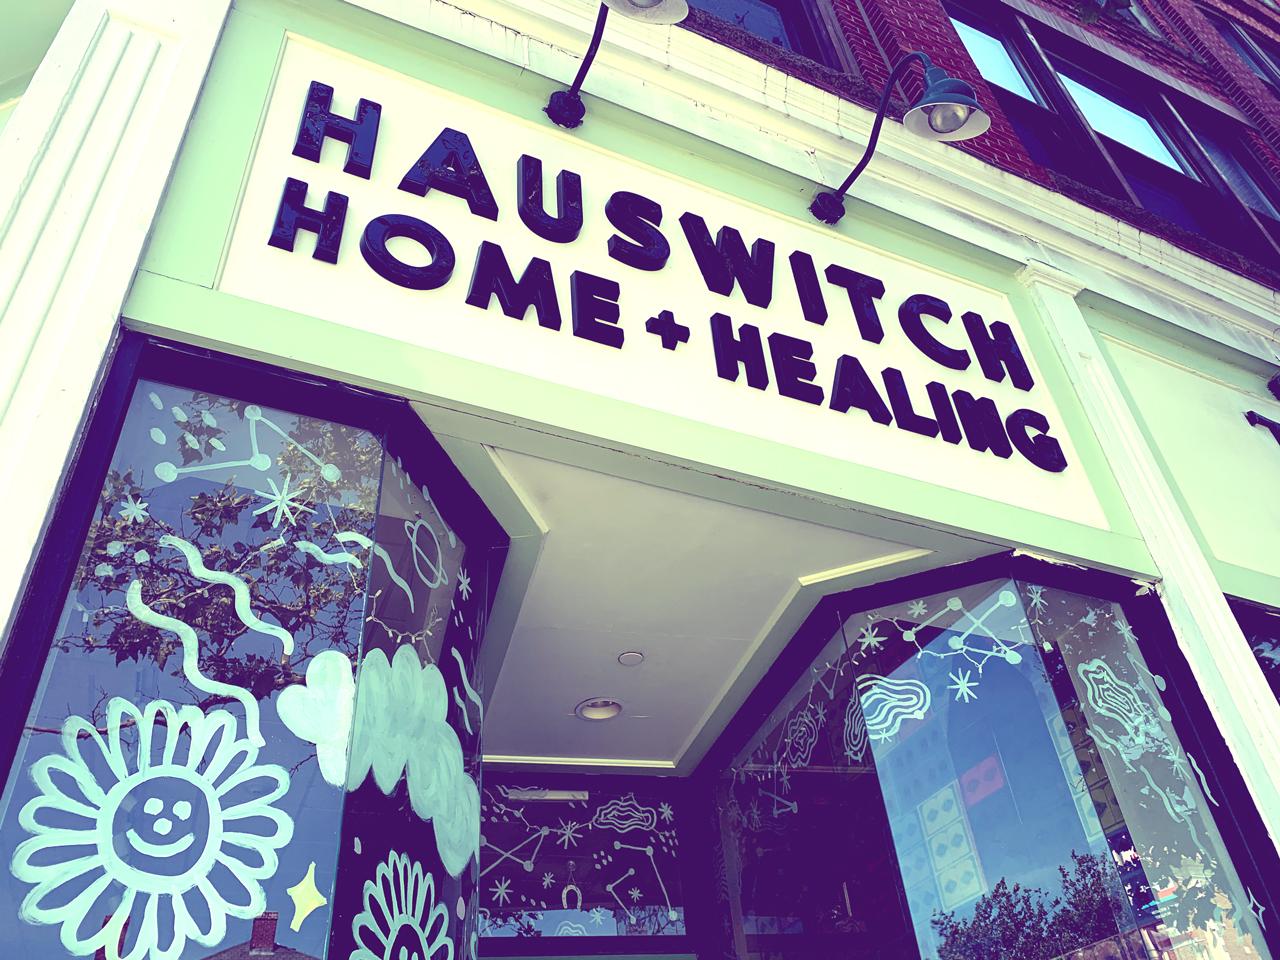 hauswitch-salem-massachusetts-1280x960-01